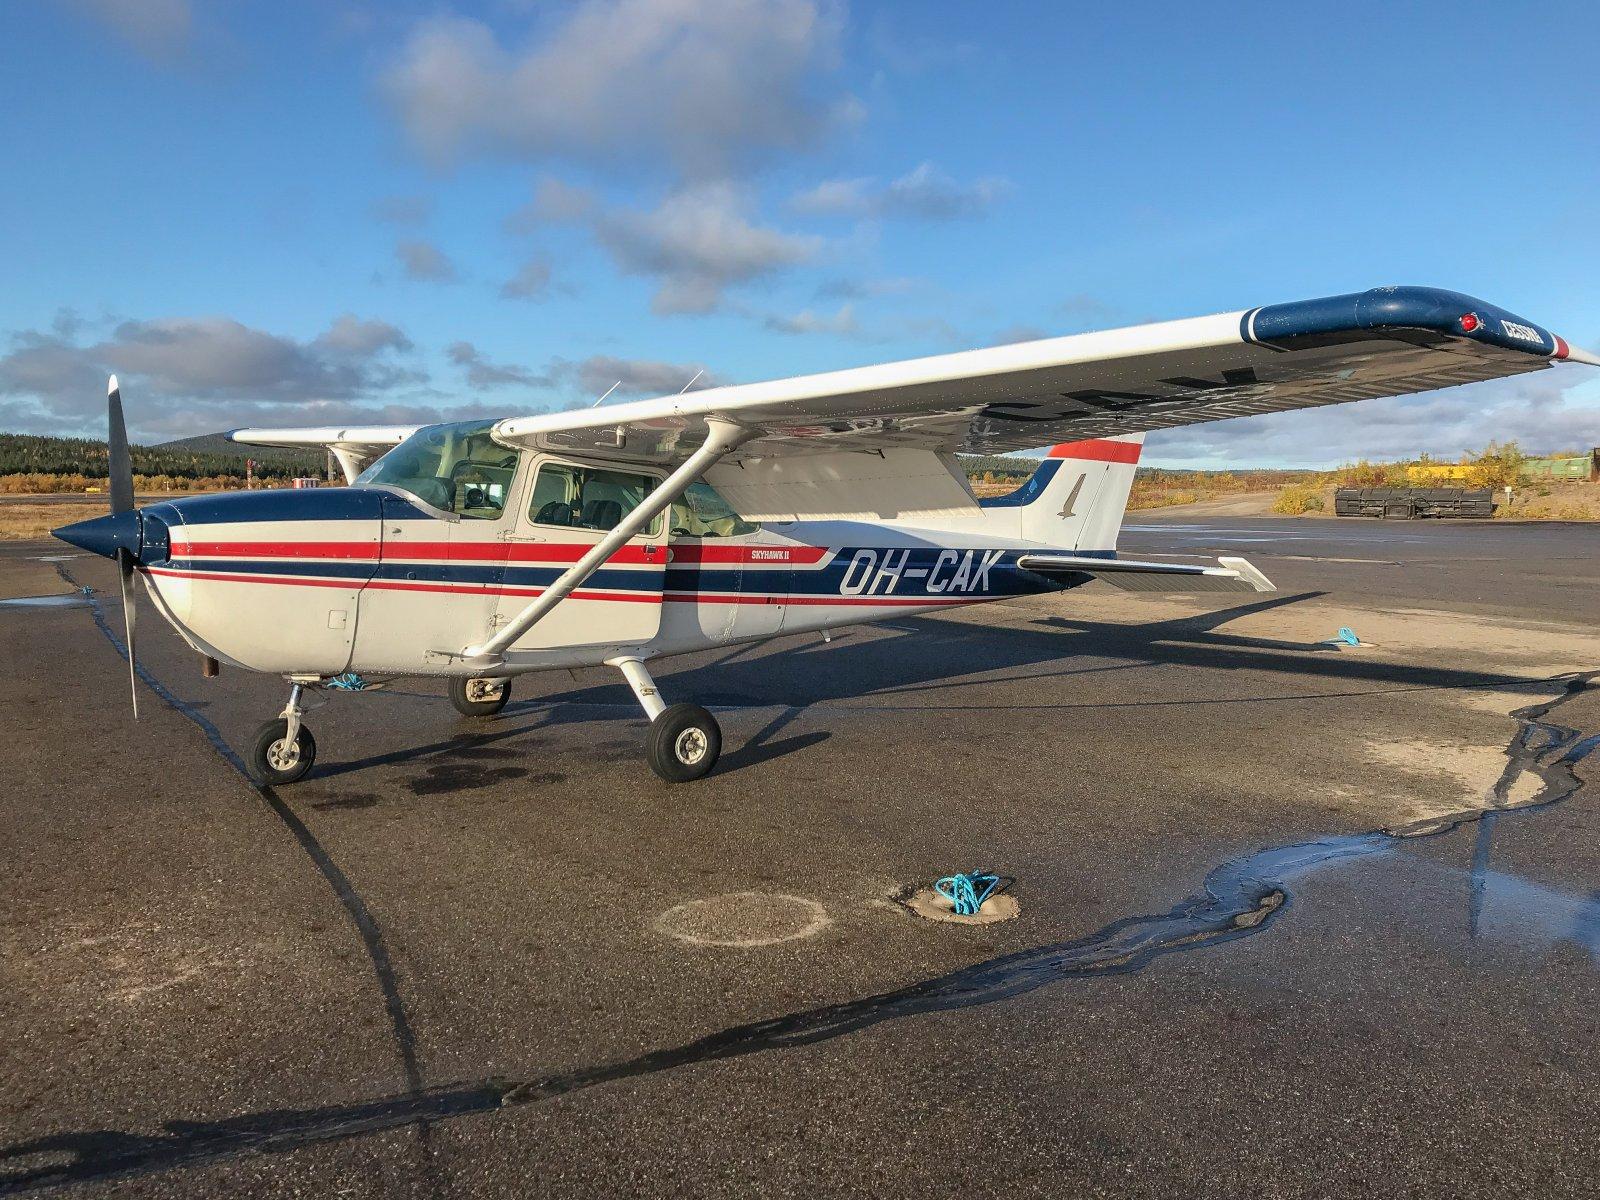 OH-CAK. Tunturi-ilmailijoiden koneet lennettiin 27.9 talveksi Rovaniemelle halliin.